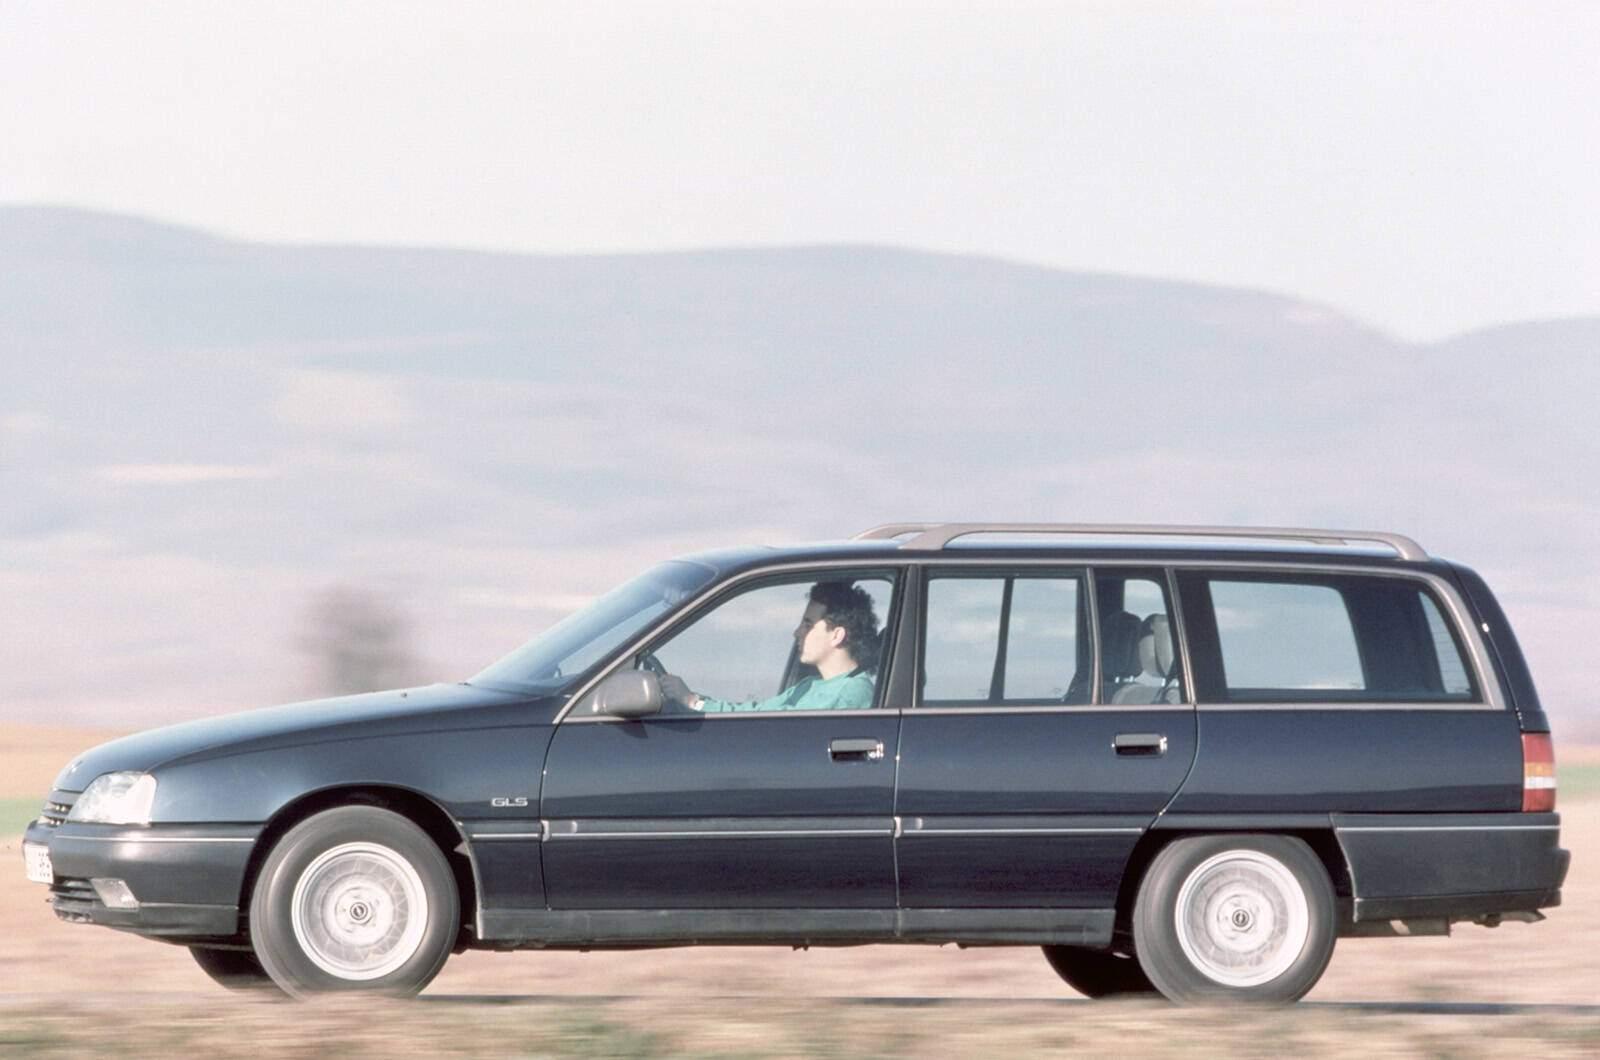 Opel Omega Caravan 2.3 D (A) (1986-1993),  ajouté par fox58